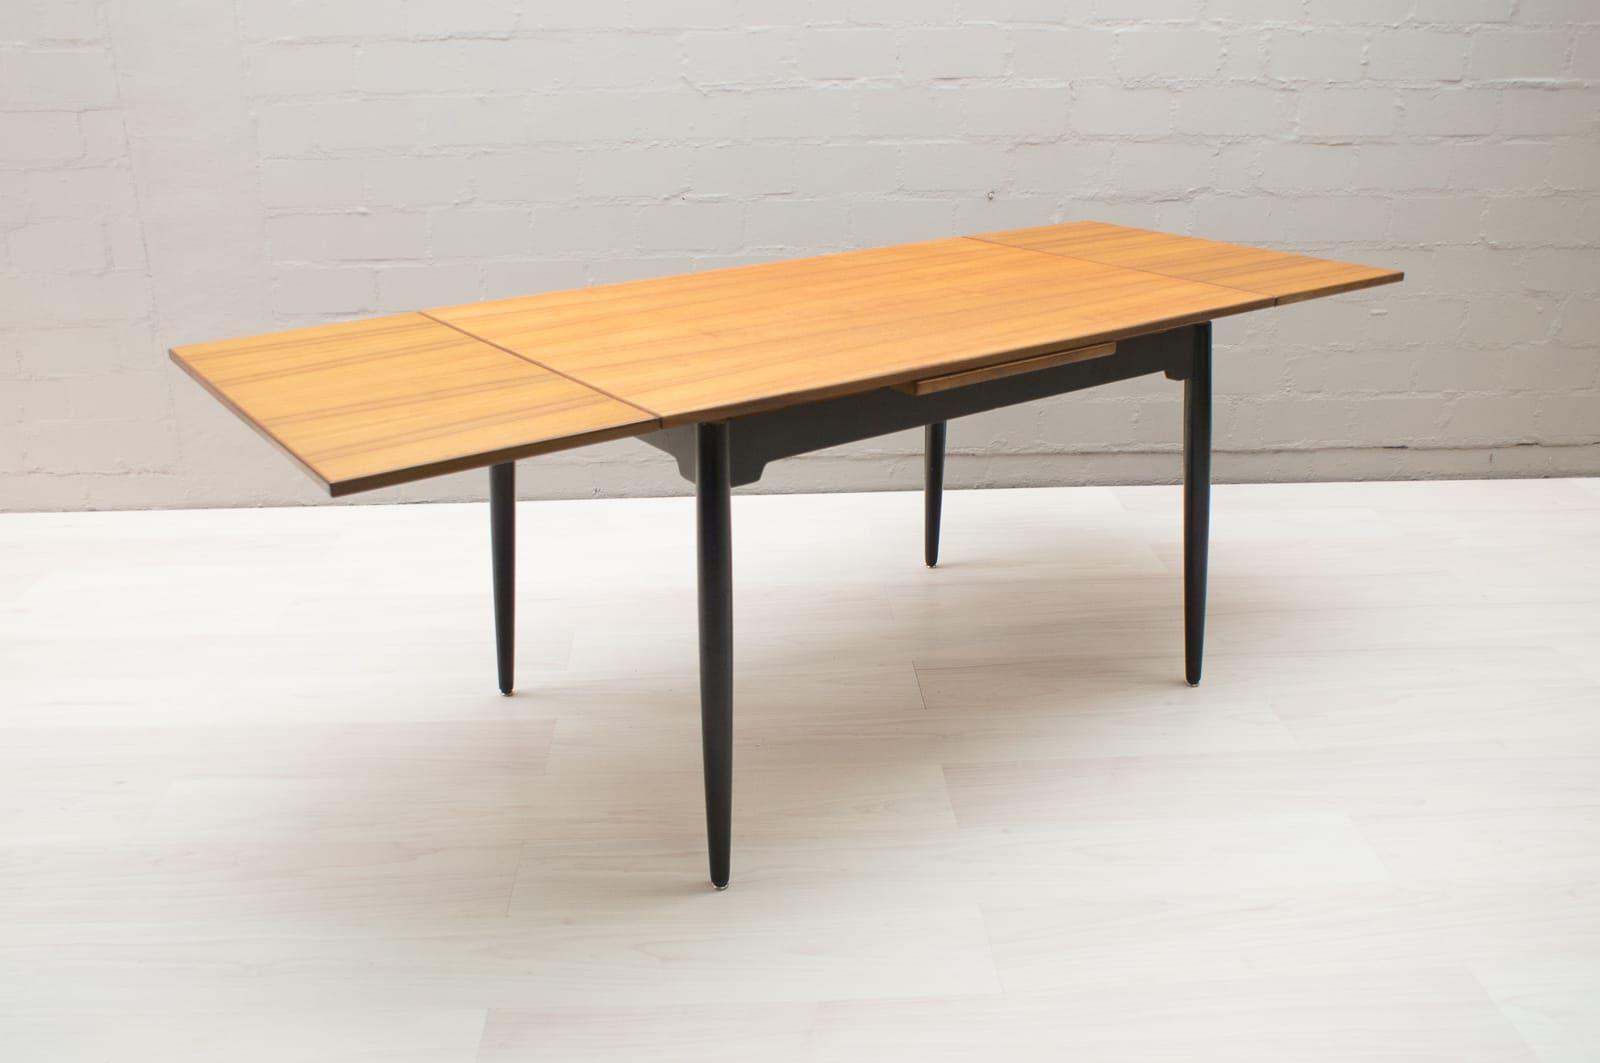 verstellbarer fanett esstisch von ilmari tapiovaara f r asko 1960er bei pamono kaufen. Black Bedroom Furniture Sets. Home Design Ideas